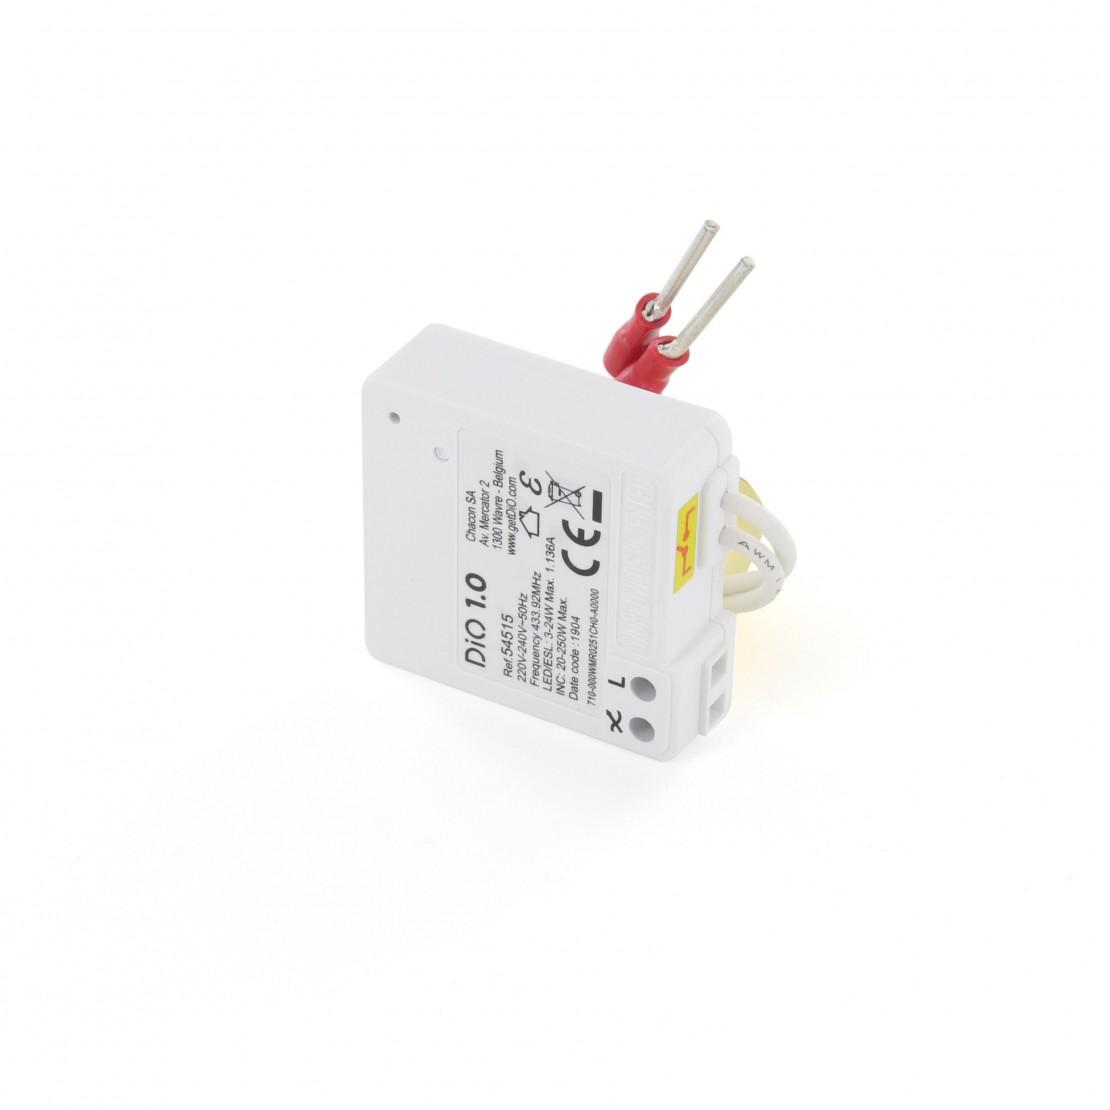 Micromodule voor verlichting met aan/uit-functie